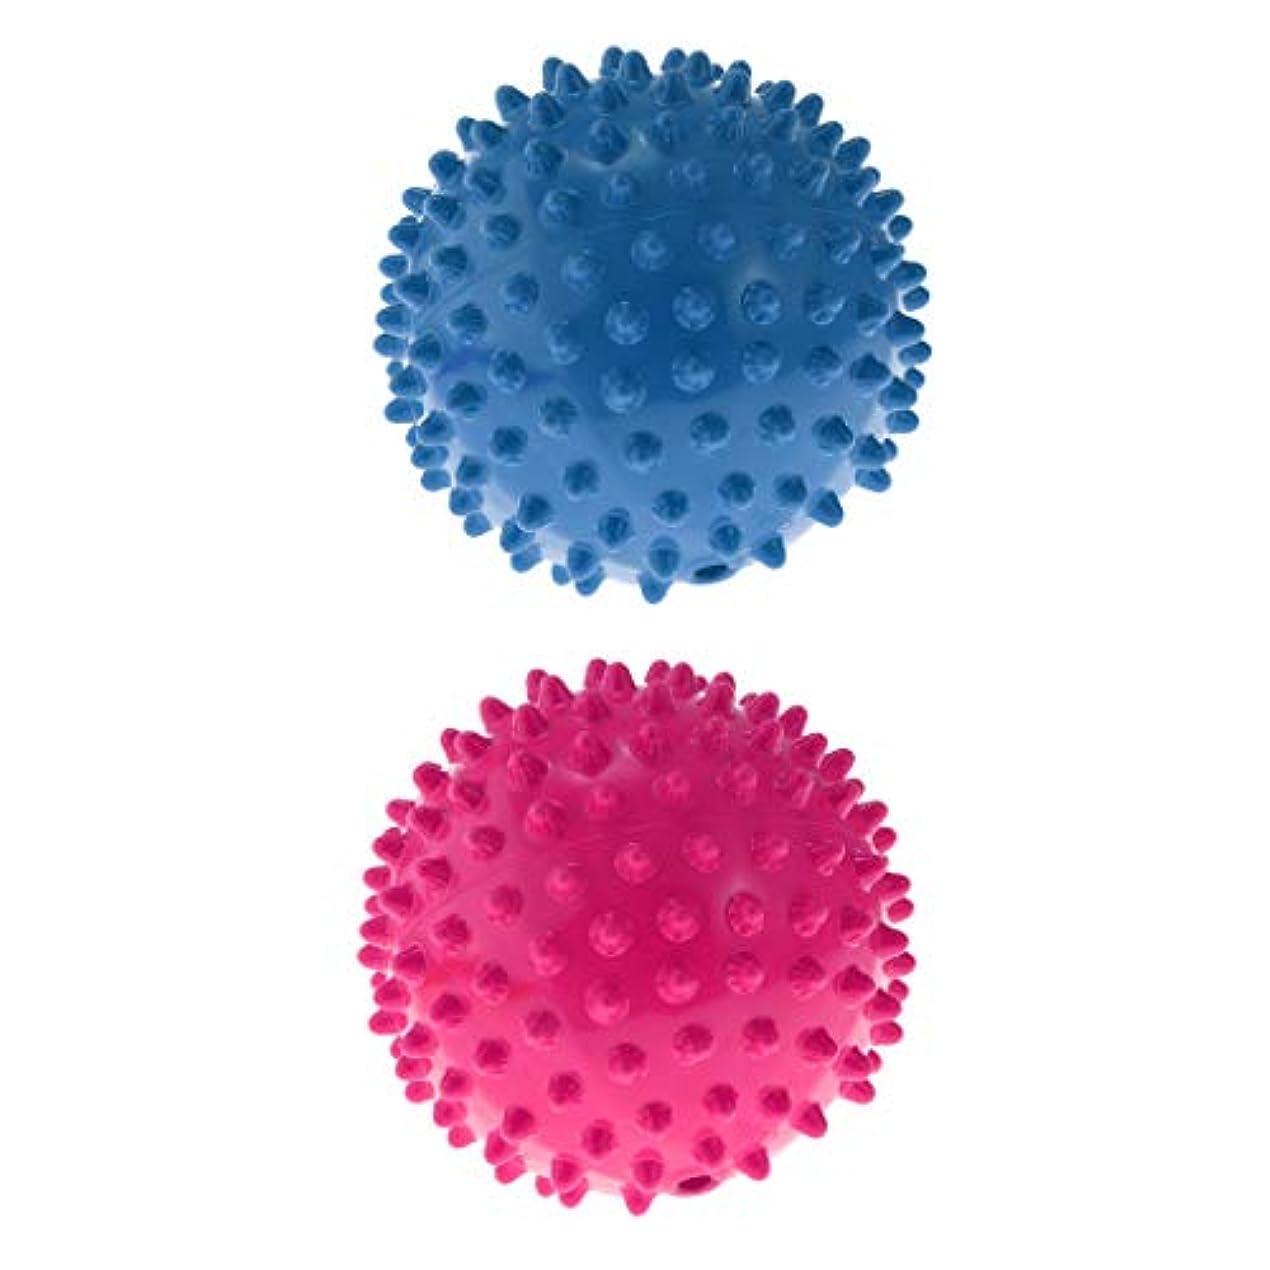 カウンターパート高尚な抽象指圧マッサージボール ローラーボール マッサージローラー トリガーポイント 疲労軽減 痛み緩和